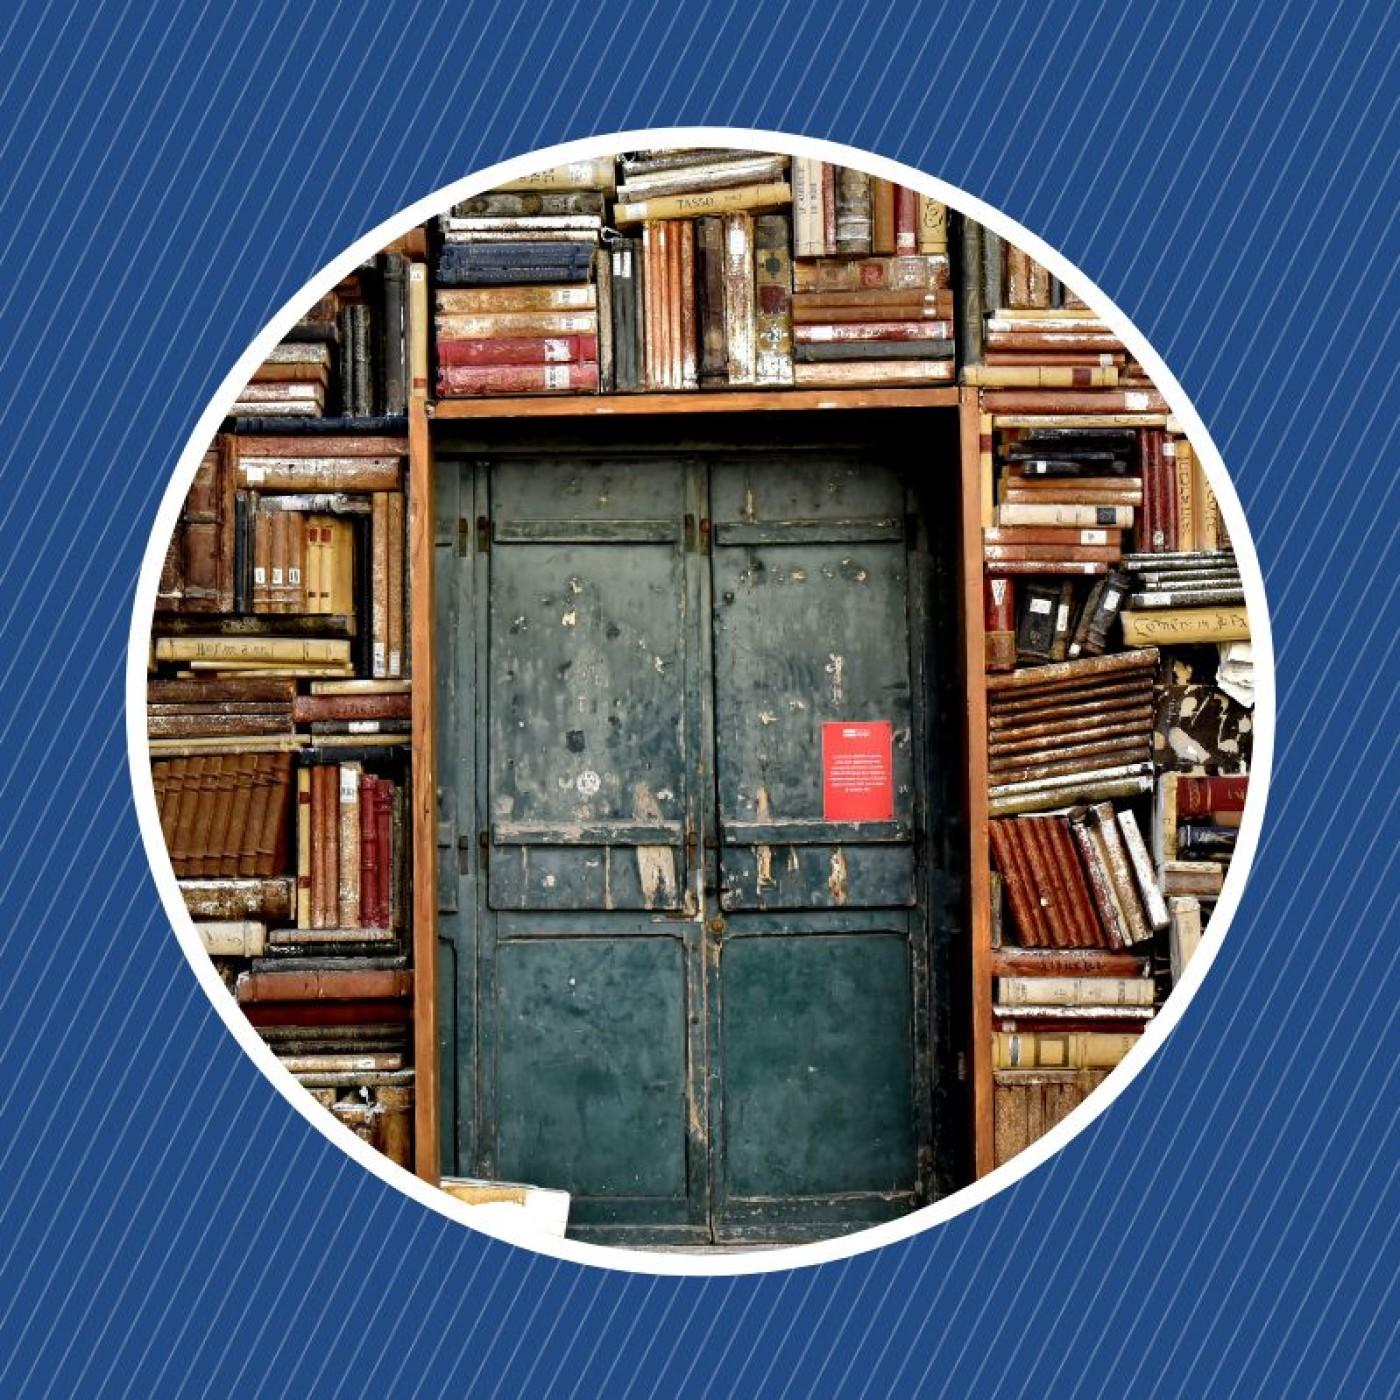 L'Enfer, la réserve secrète des bibliothèques